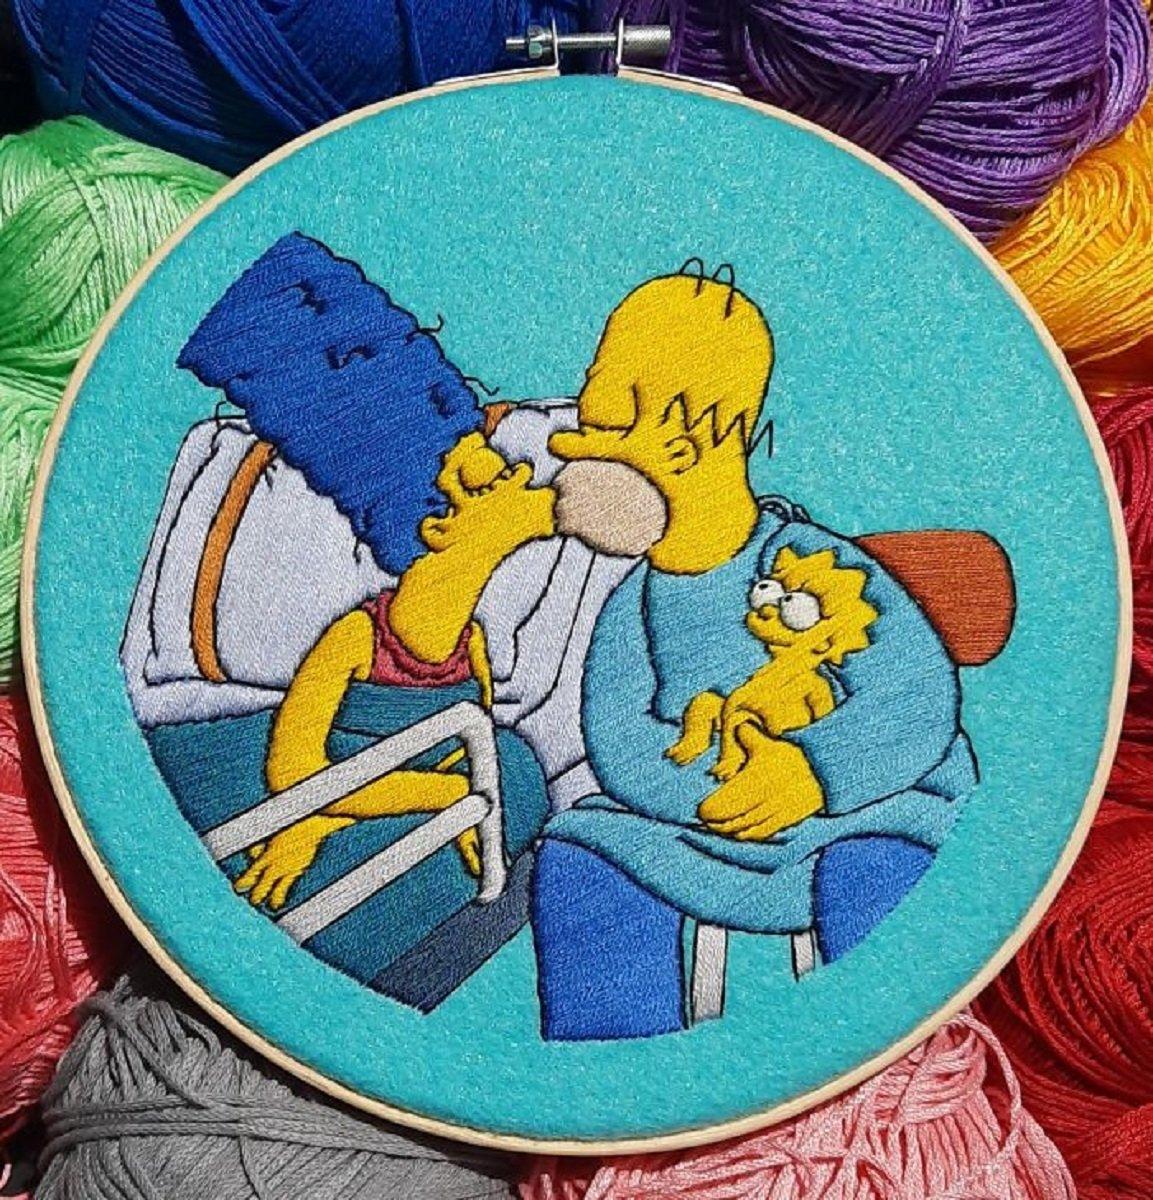 Artista Gabriela Martinez cria bordados de cenas de Os Simpsons 16